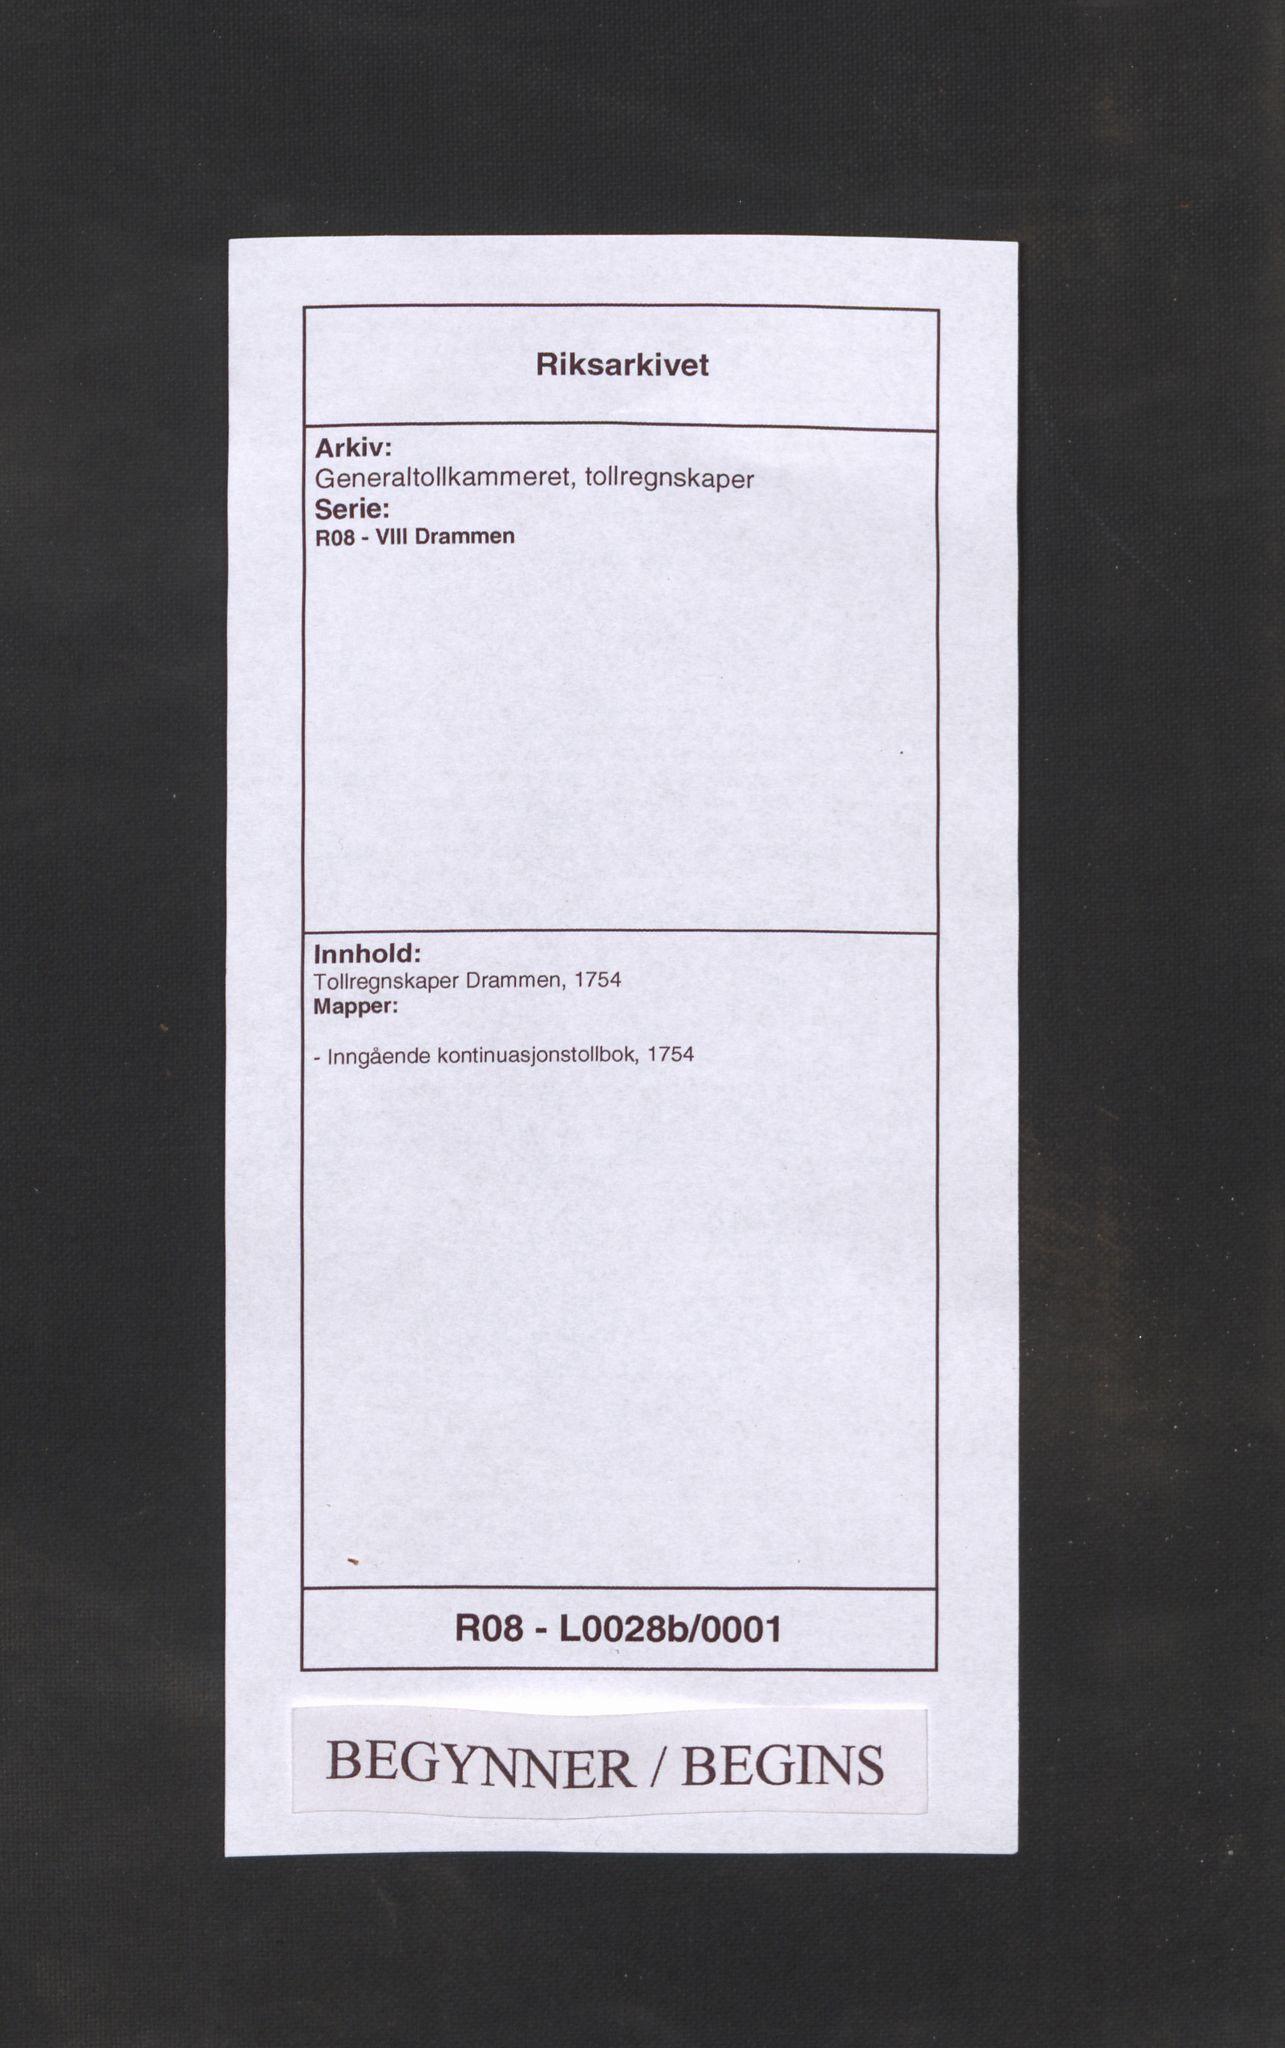 RA, Generaltollkammeret, tollregnskaper, R08/L0028b: Tollregnskaper Drammen, 1754